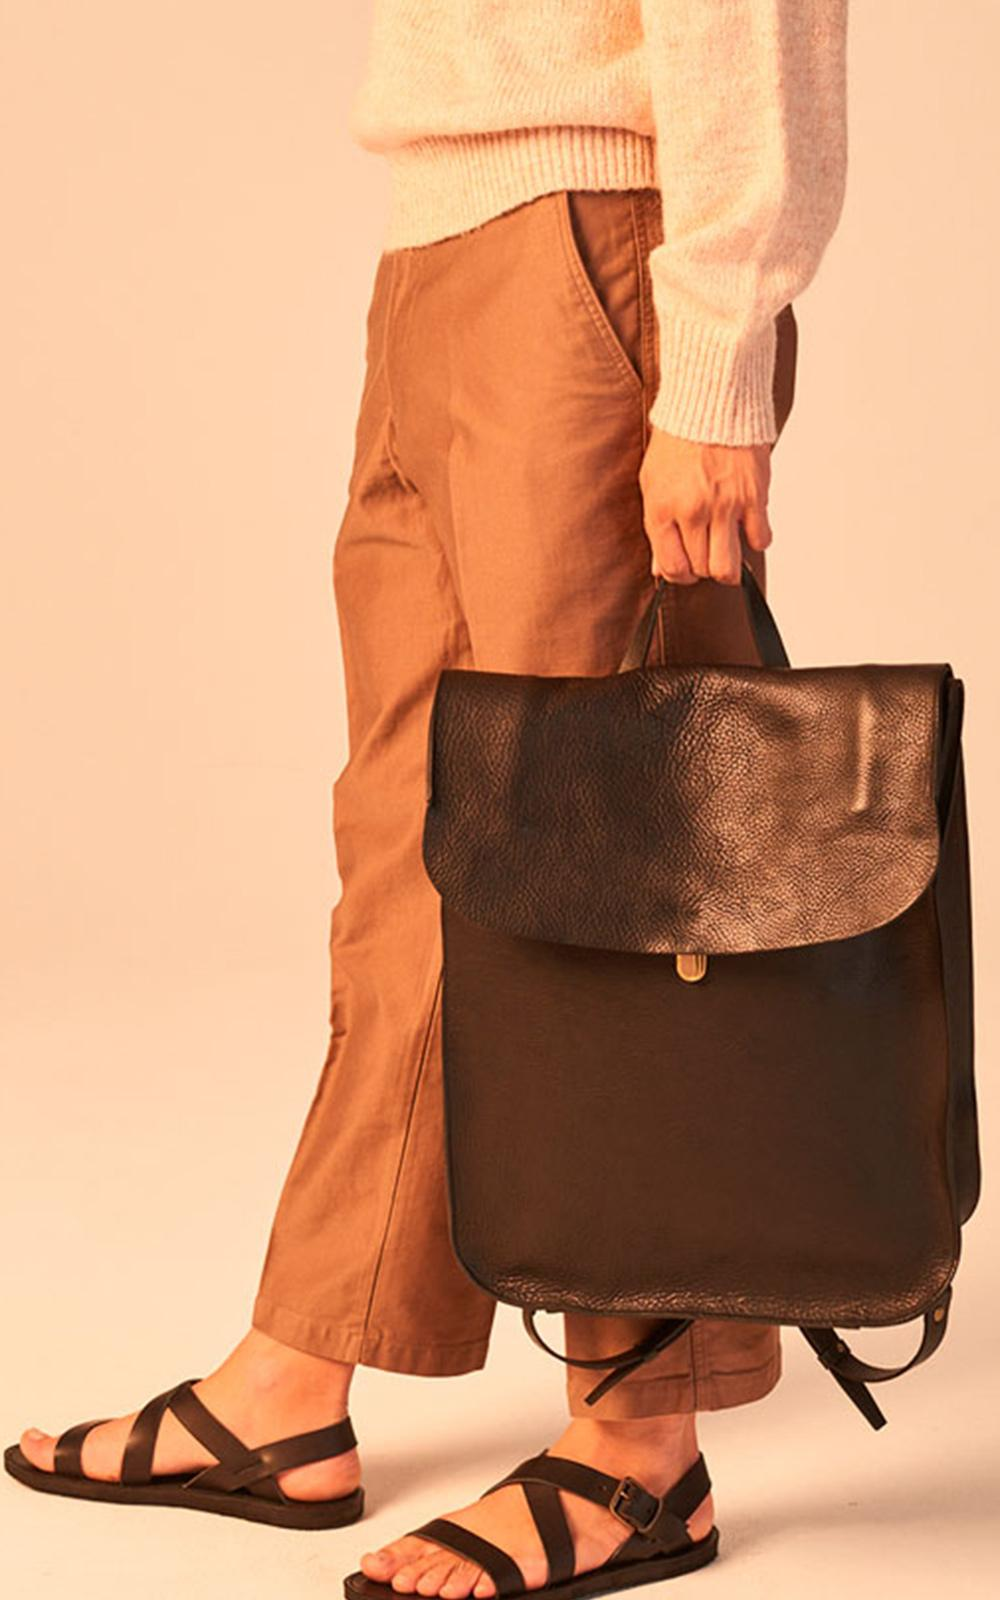 Bleu De Chauffe Arlo Leather Backpack Black in Black for Men - Lyst fc15a11faa860